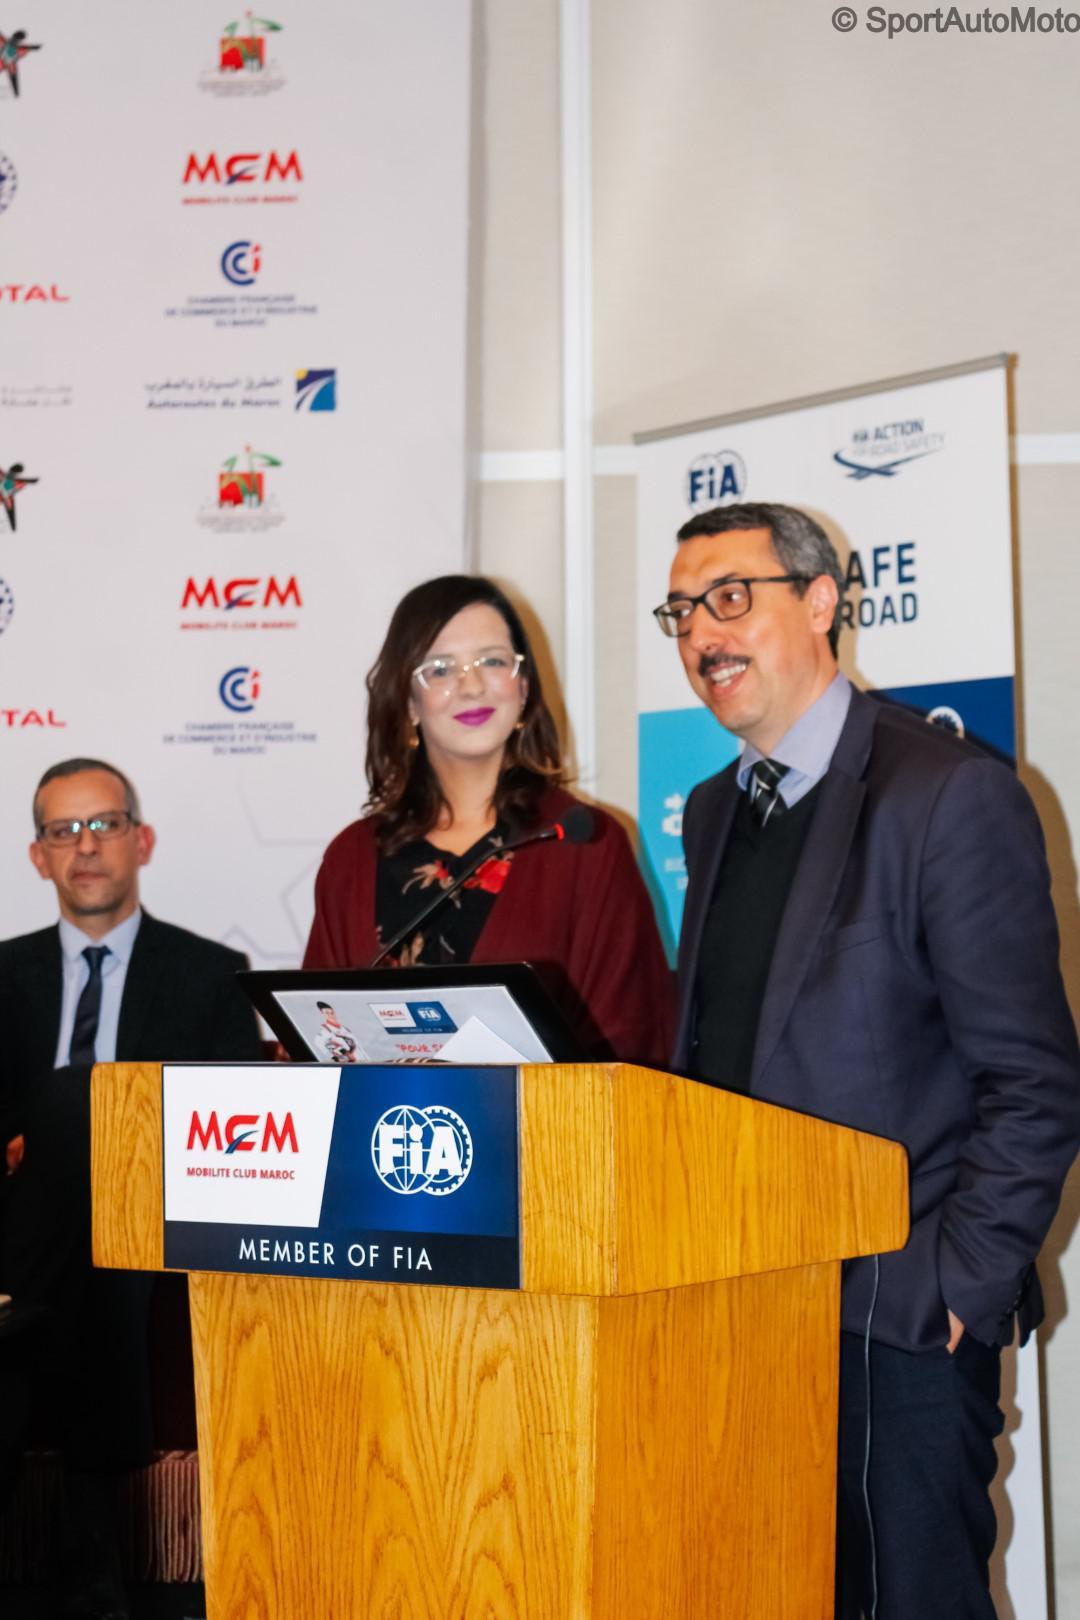 mobilite-club-maroc-mcm-devoile-son-programme-et-ses-partenariats-786-7.jpg